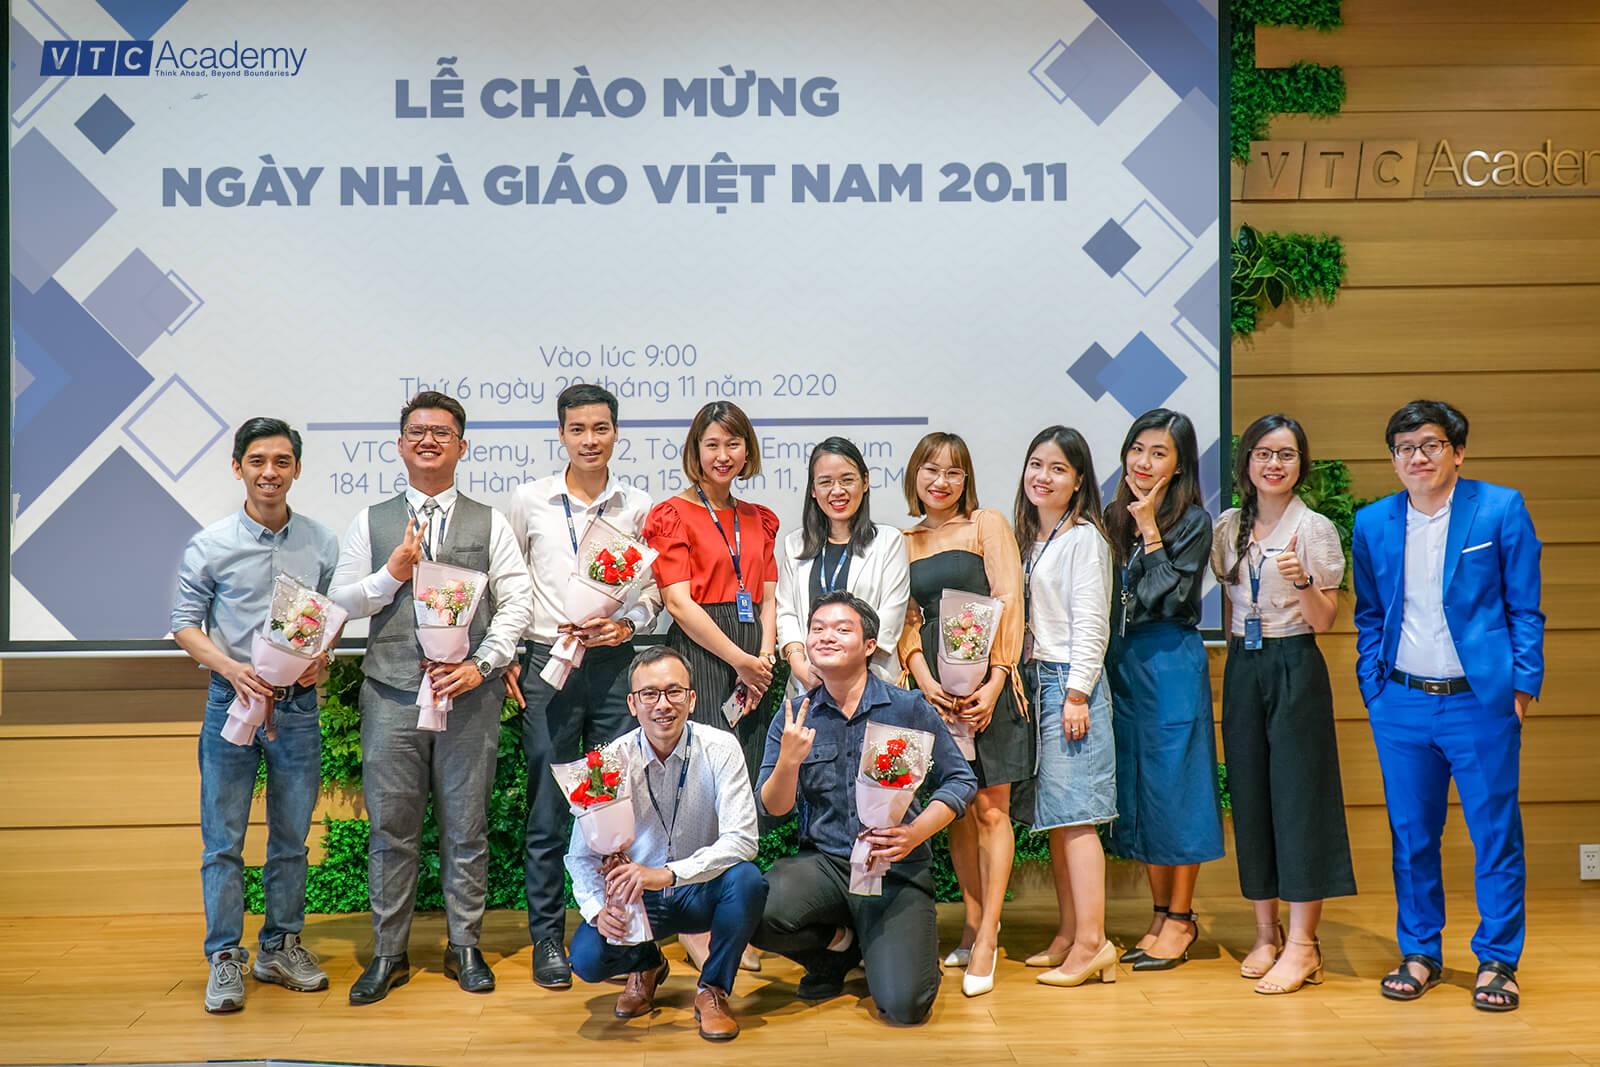 VTC Academy tổ chức nhiều hoạt động chào mừng ngày Nhà giáo Việt Nam 20/11/2020